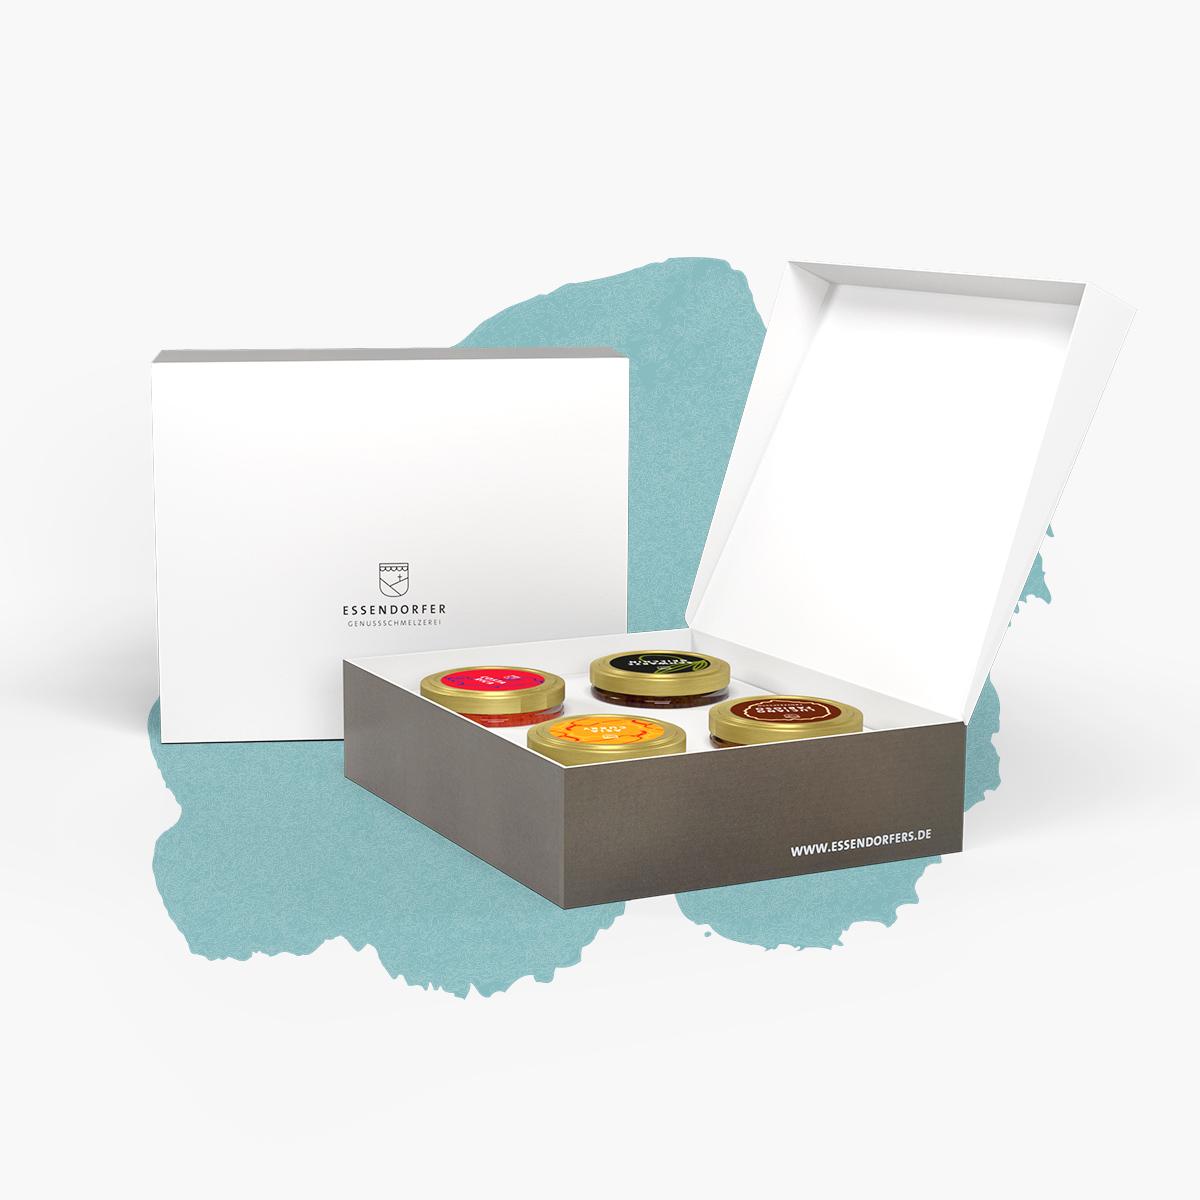 4er Box von Essendorfer